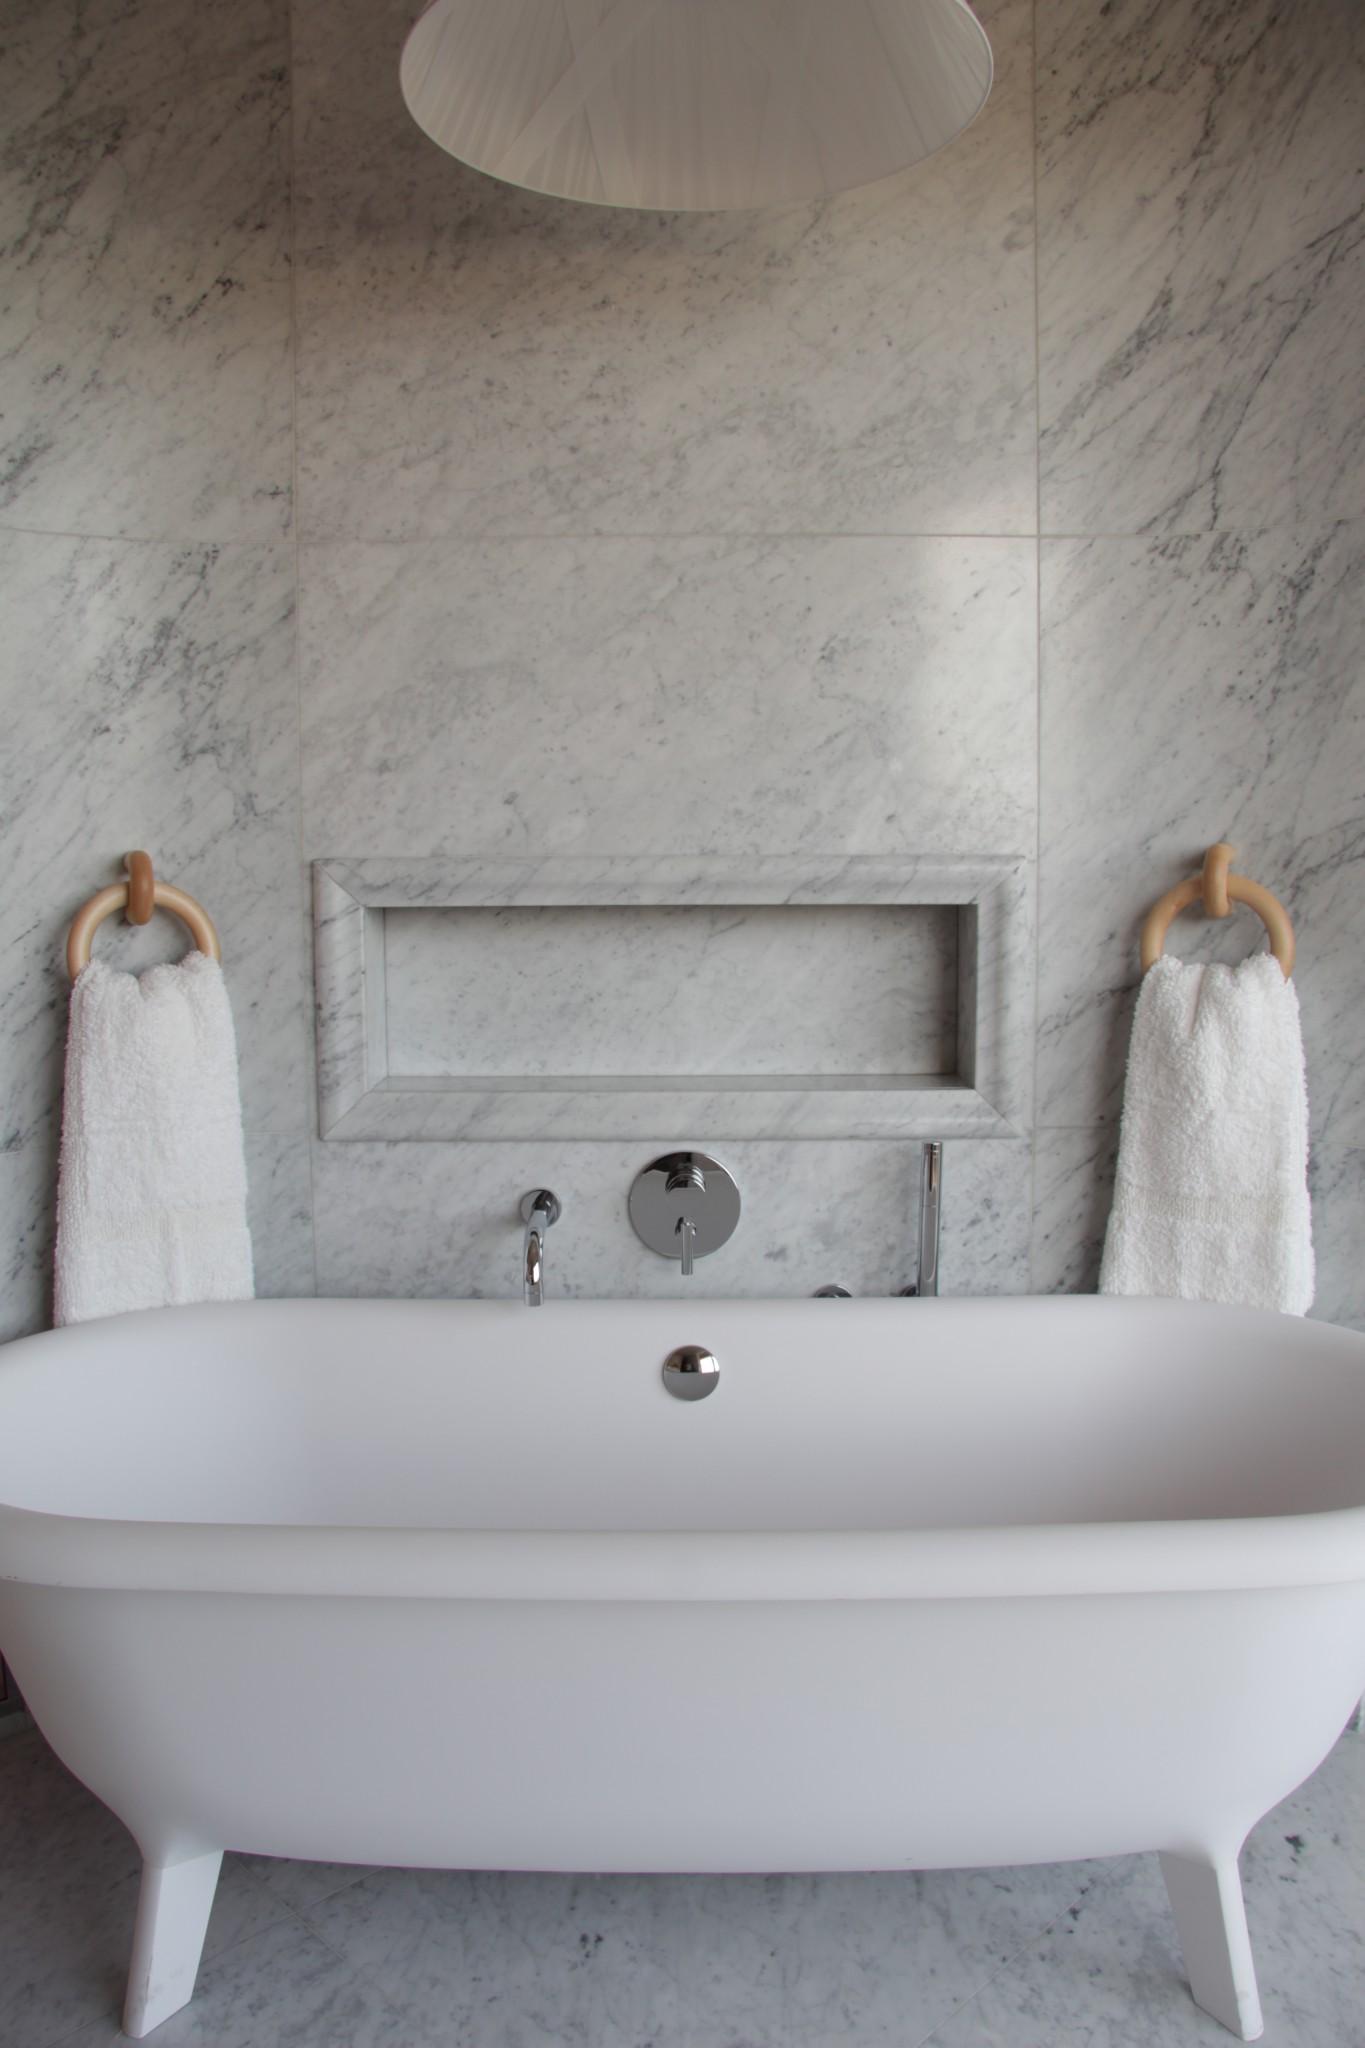 Dettagli di un rivestimento in bagno in marmo (Marmi Valmalenco)